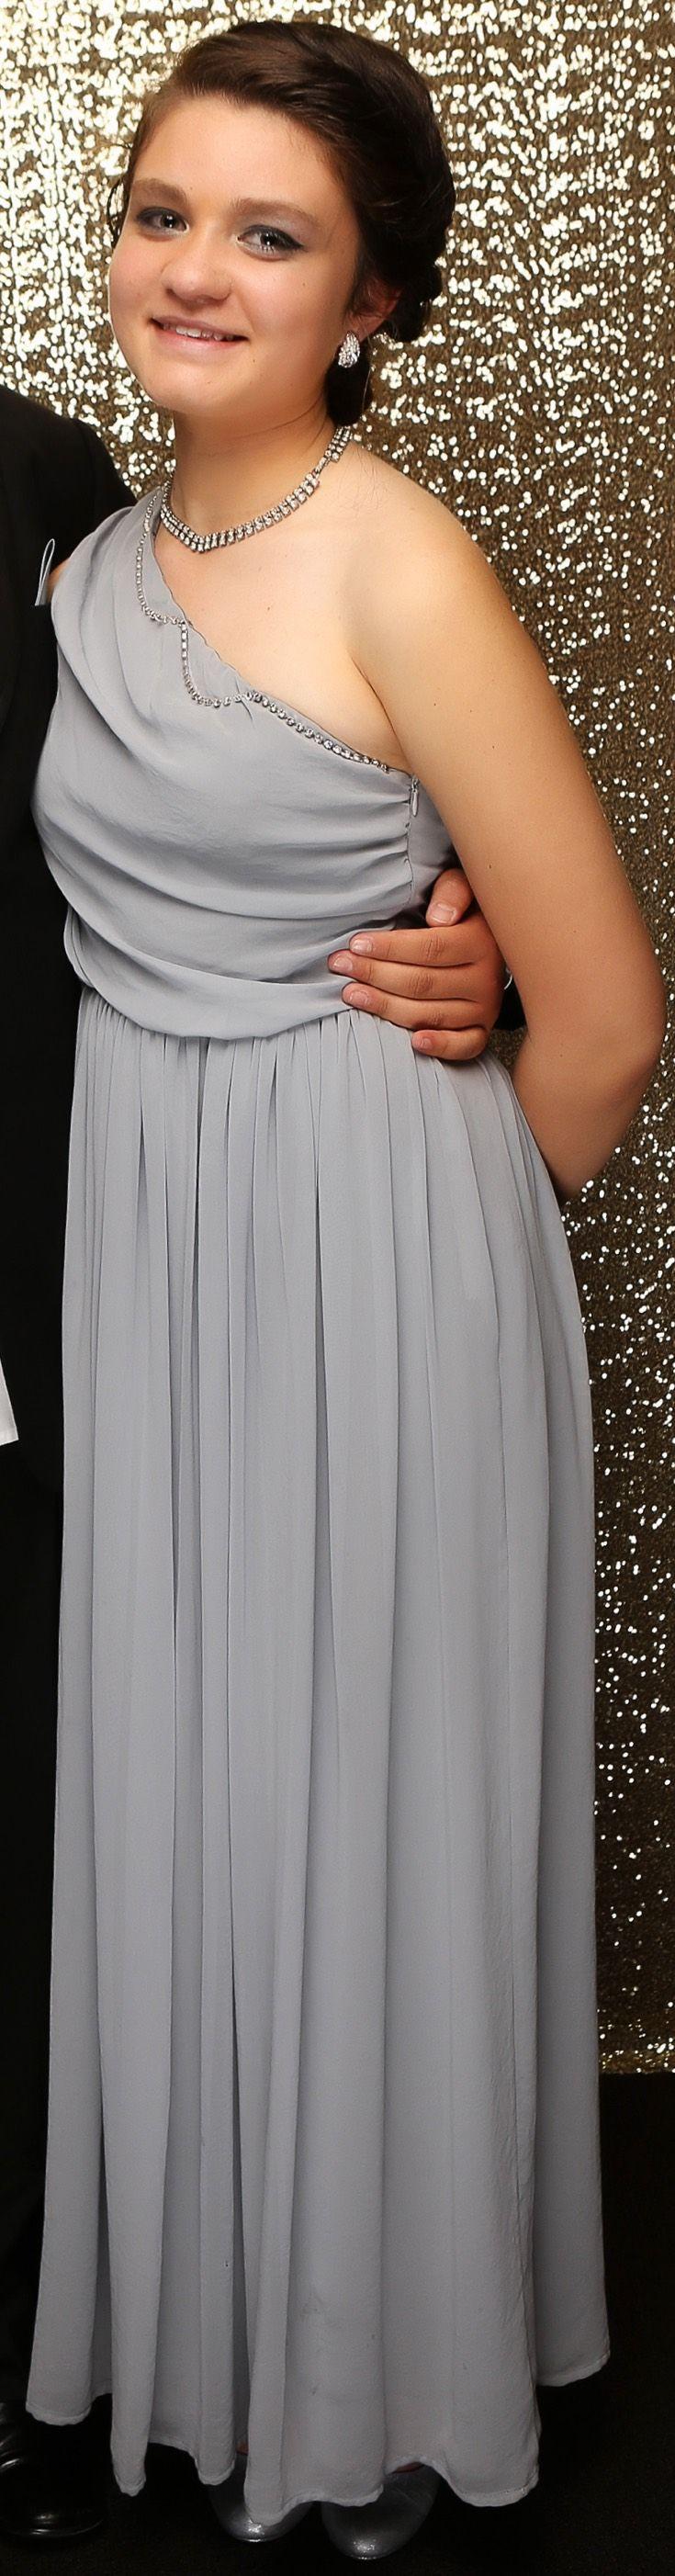 Henderson Ball 2015. Gorgeous in grey! www.whitedoor.co.nz